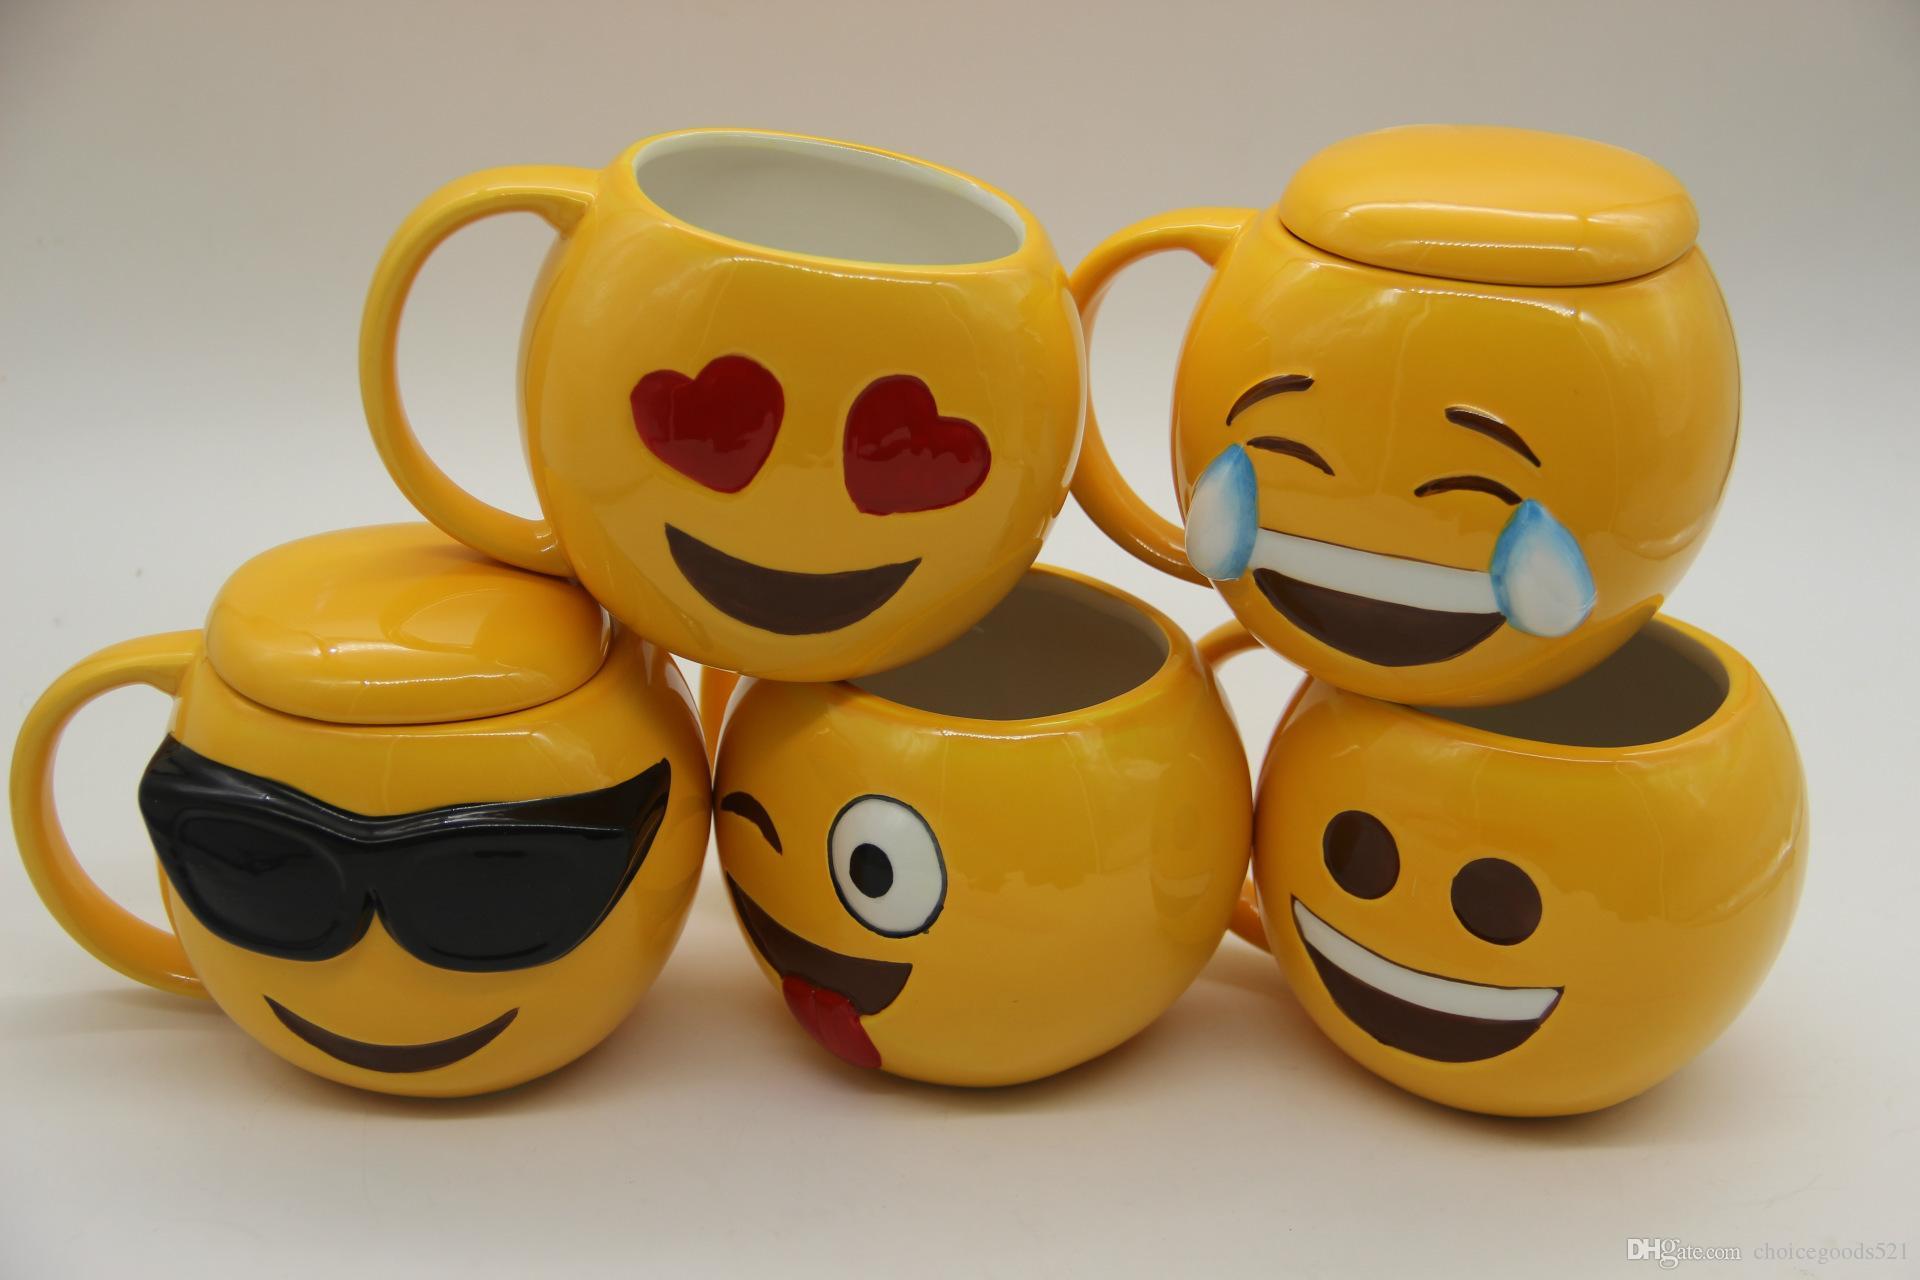 2019 6 Designs Lovely Smiling Face Emoji Mug Porcelain